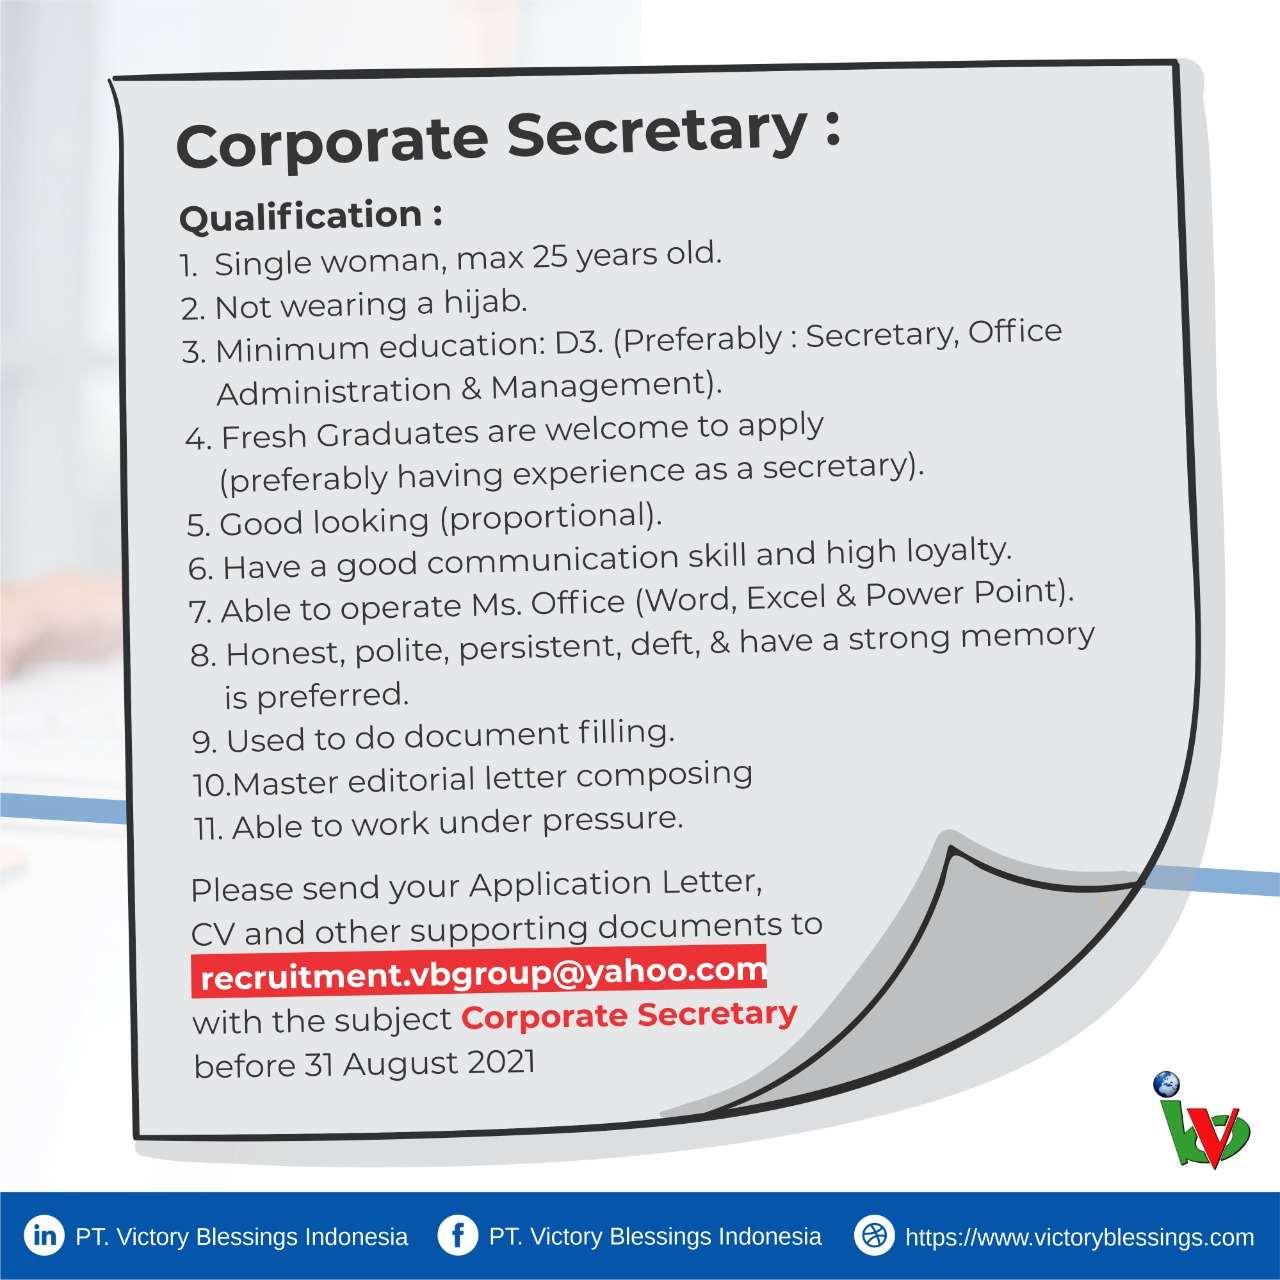 Lowongan Corporate Secretary Cikarang Jababeka 2021